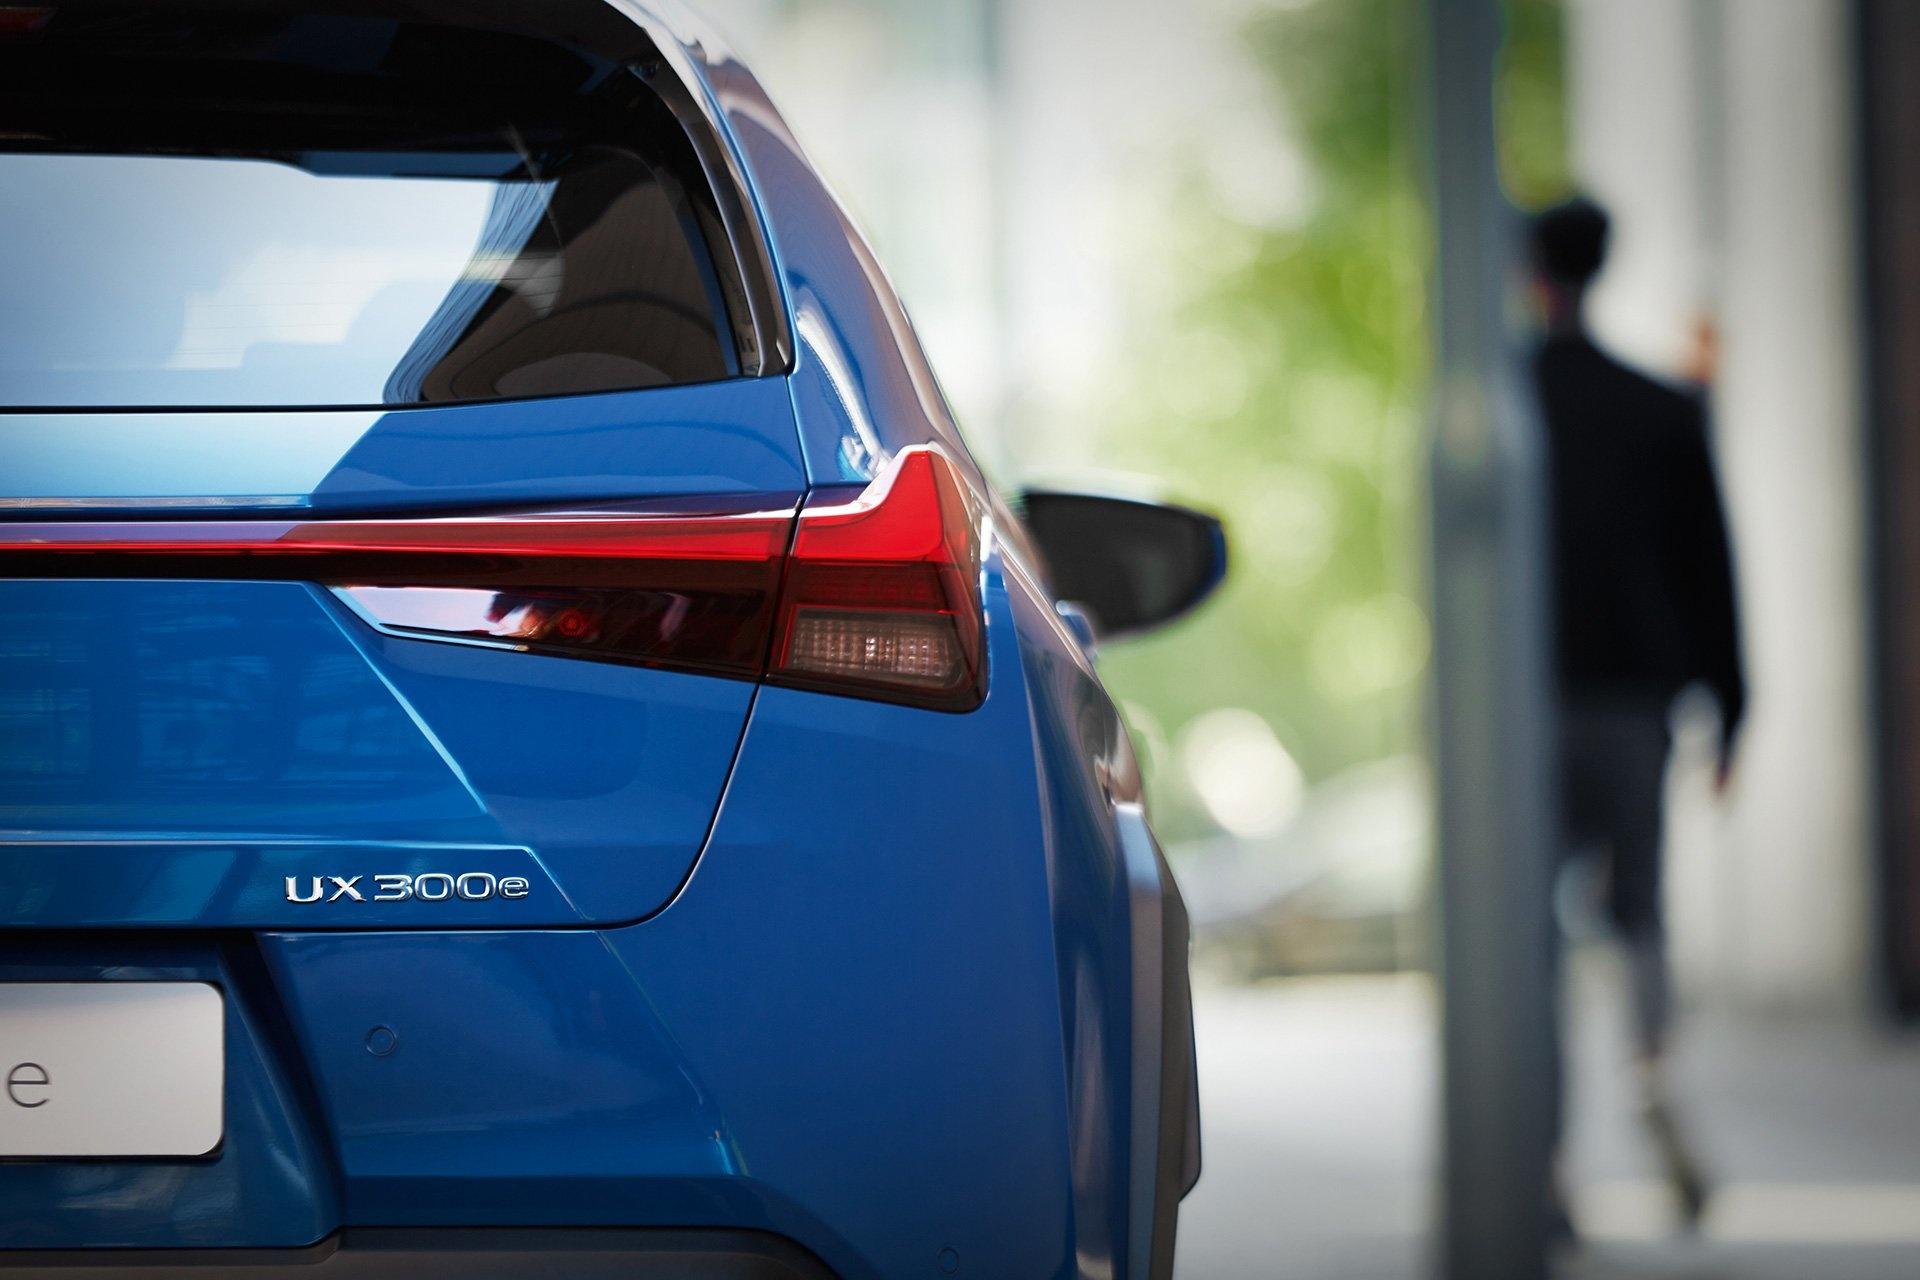 UX 300e - xe dien dau tien cua Lexus ra mat the gioi hinh anh 14